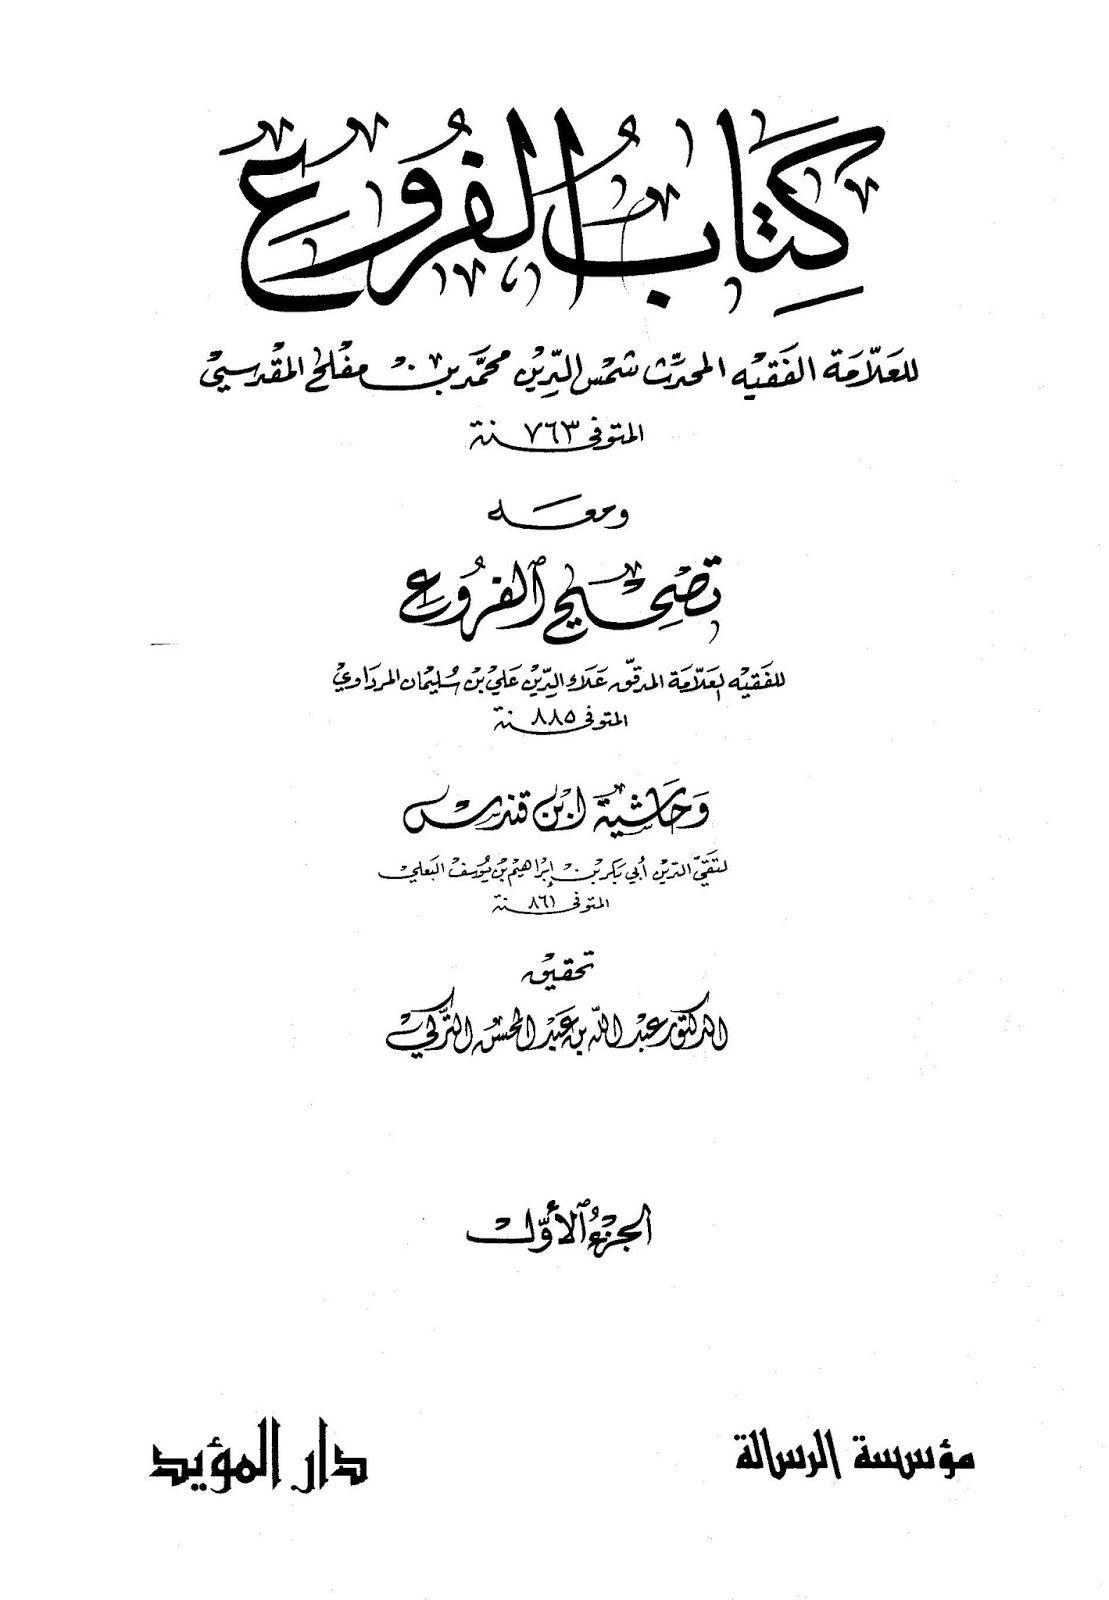 كتاب الفروع لابن مفلح ومعه تصحيح الفروع للمرداوي وحاشية ابن قنديد pdf